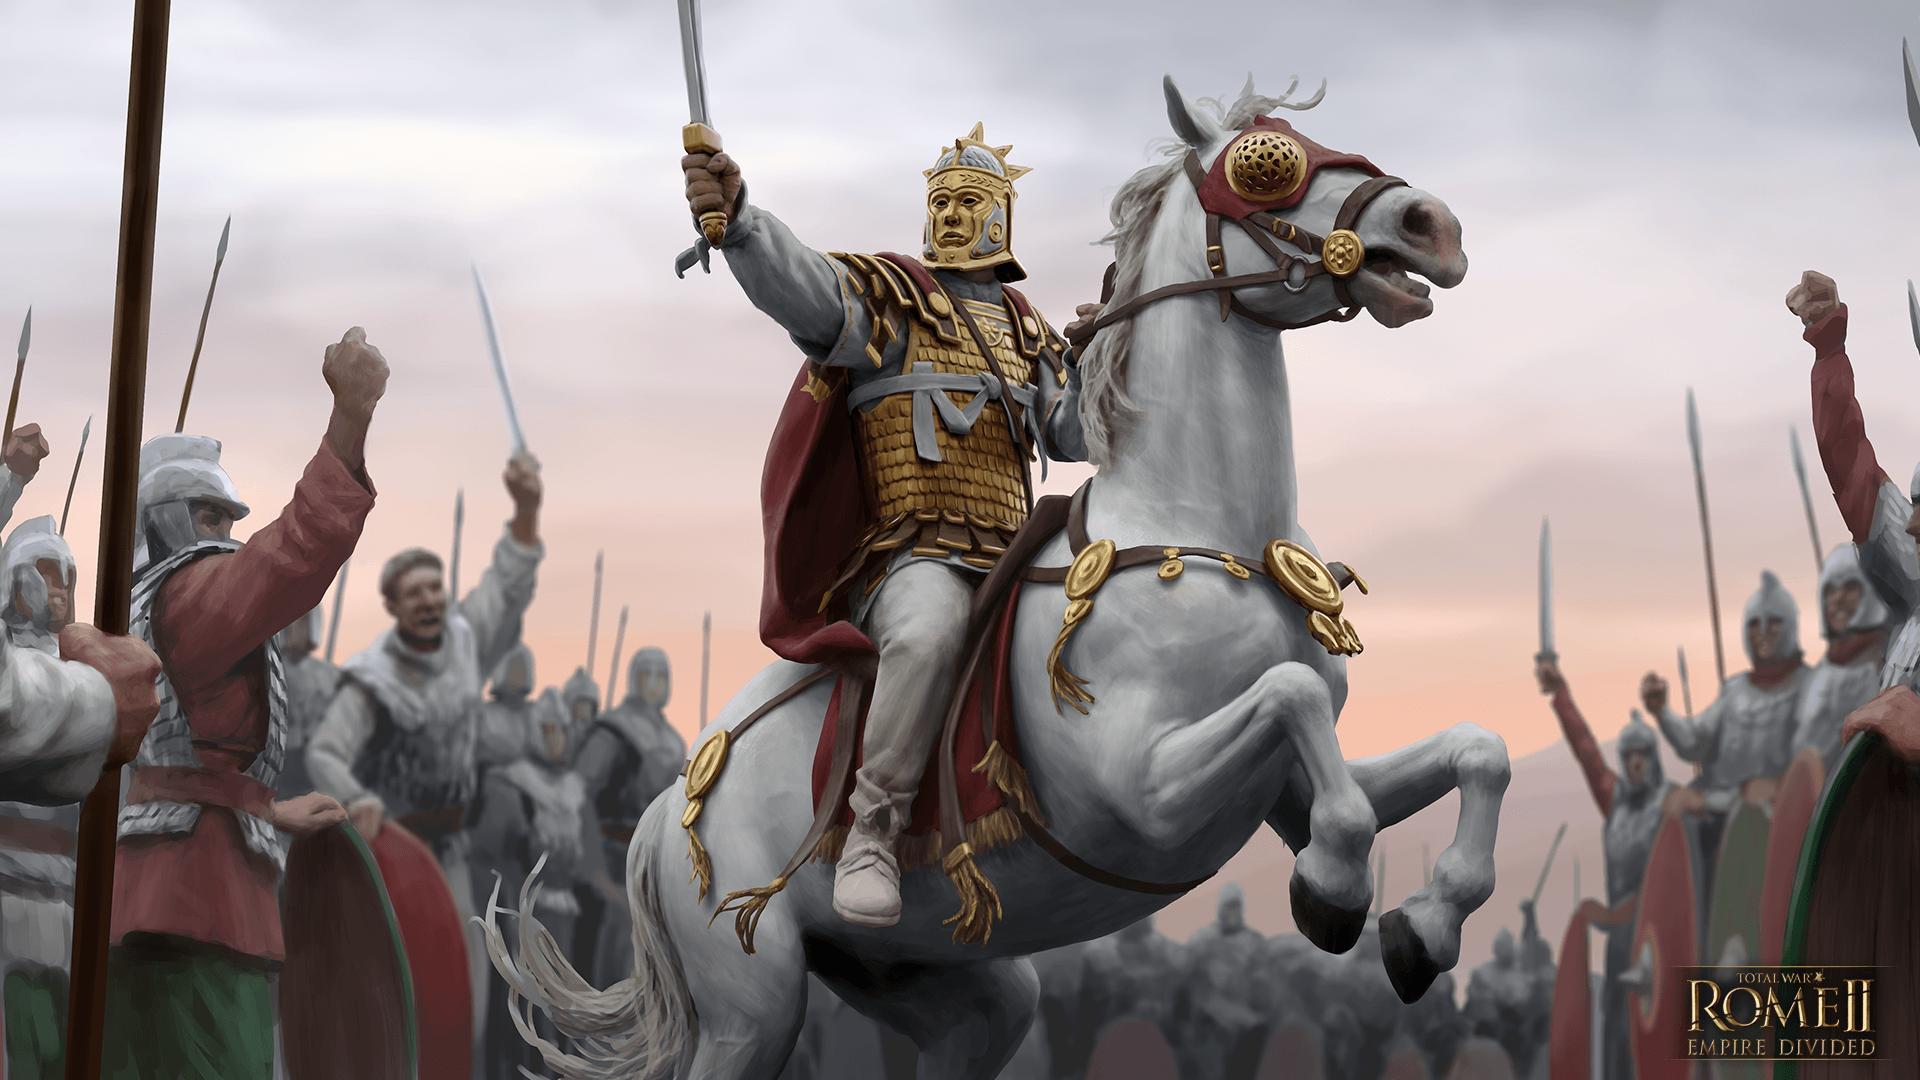 Rome Total War Wallpaper: Rome 2 Total War Wallpapers